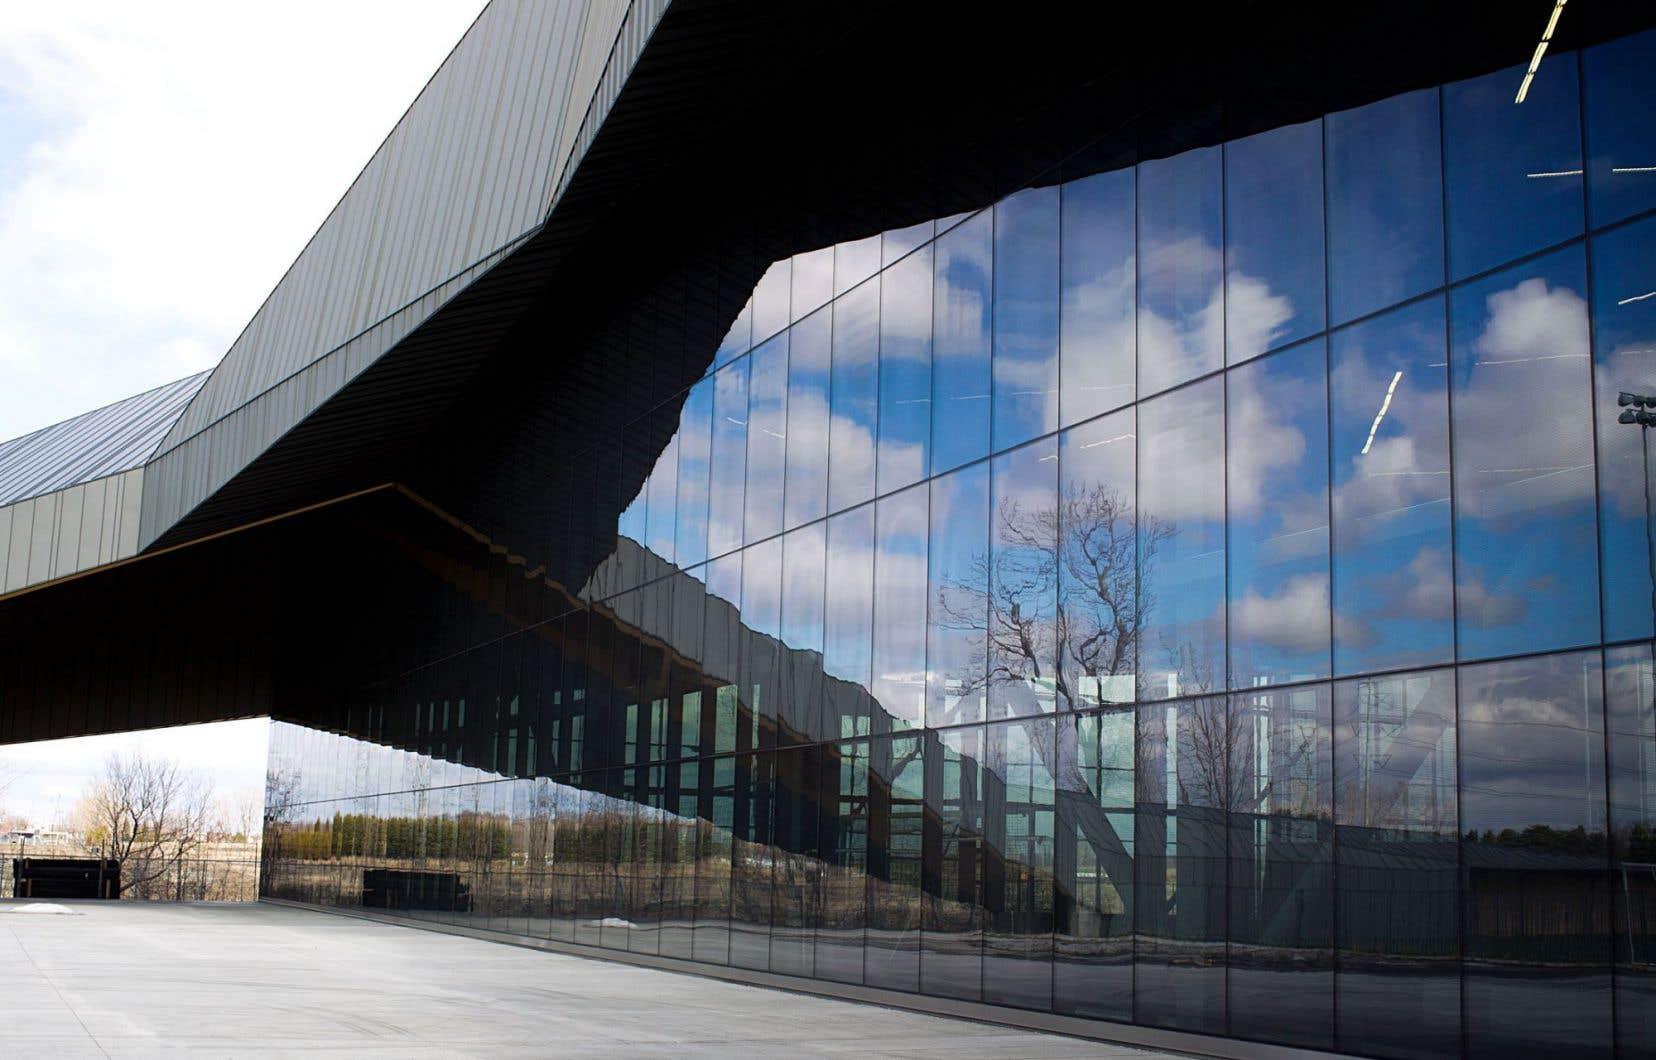 Le nouveau Stade de soccer de Montréal est une réalisation de la firme d'architectes Saucier + Perrotte.